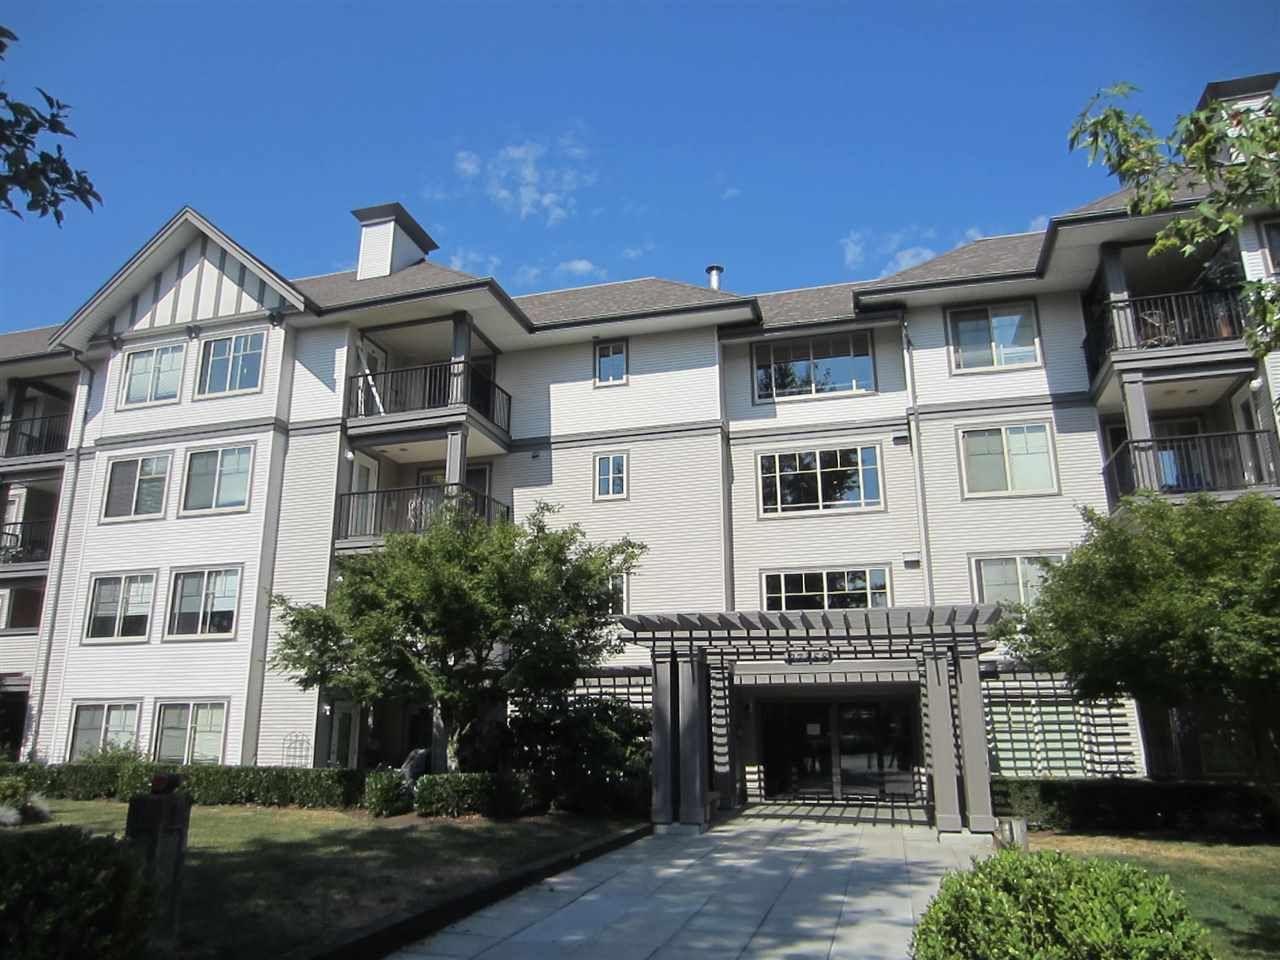 Main Photo: 427 27358 32 AVENUE in : Aldergrove Langley Condo for sale : MLS®# R2073854